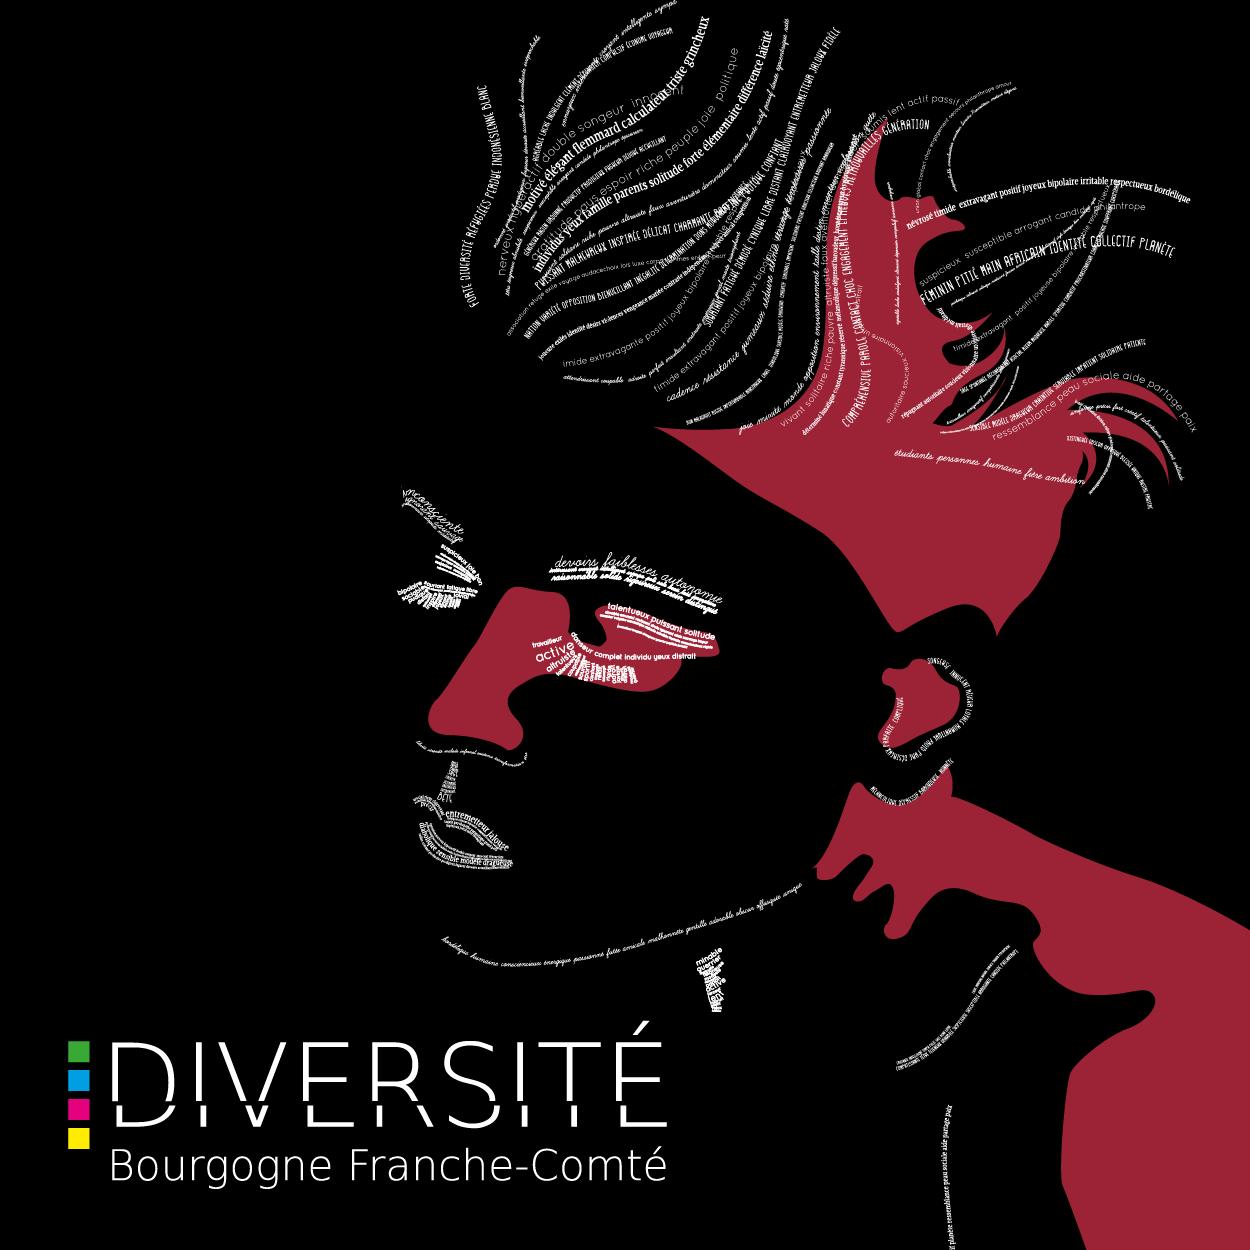 Festival de cinéma Diversité – du 21 mars au 6 avril 2018 en BFC